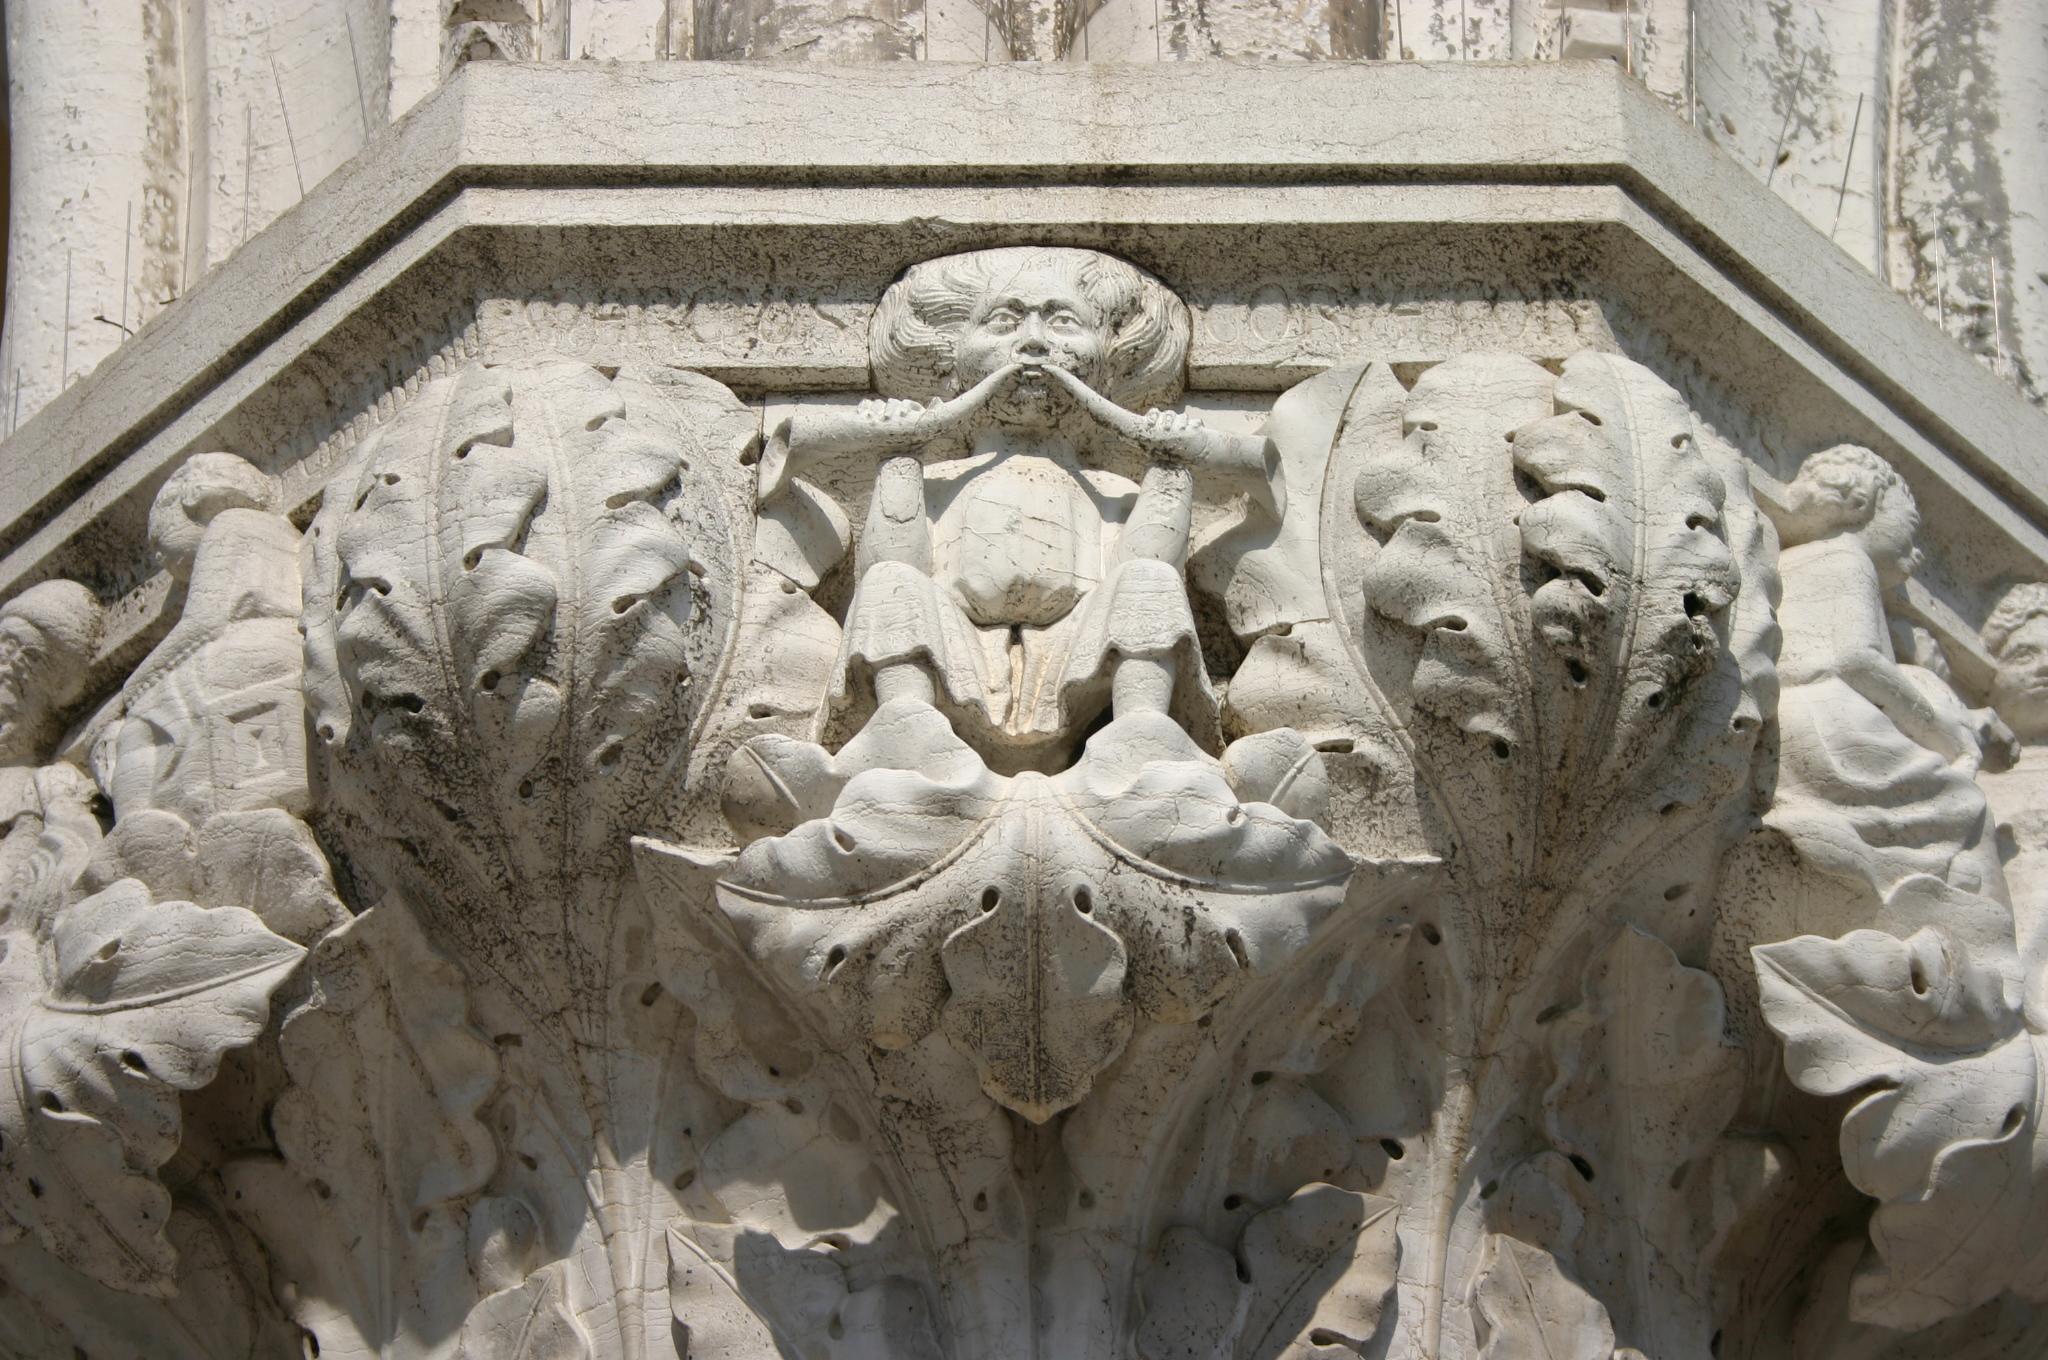 Venezia_-_Palazzo_ducale_-_Capitello_25_-_Marcius_cornator_-_Foto_Giovanni_Dall'Orto